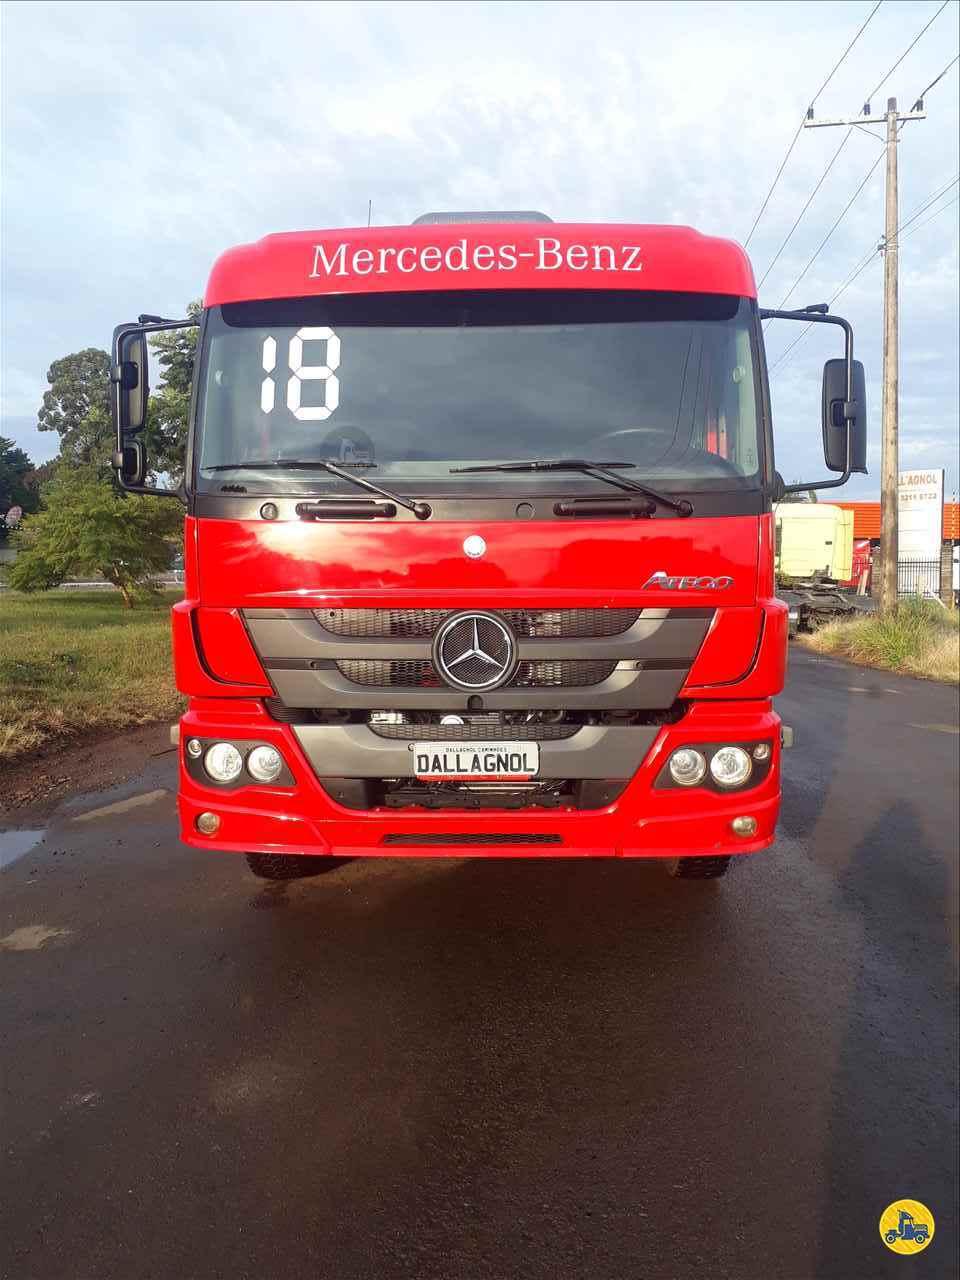 CAMINHAO MERCEDES-BENZ MB 3030 Graneleiro BiTruck 8x2 DallAgnol Caminhões RS PASSO FUNDO RIO GRANDE DO SUL RS